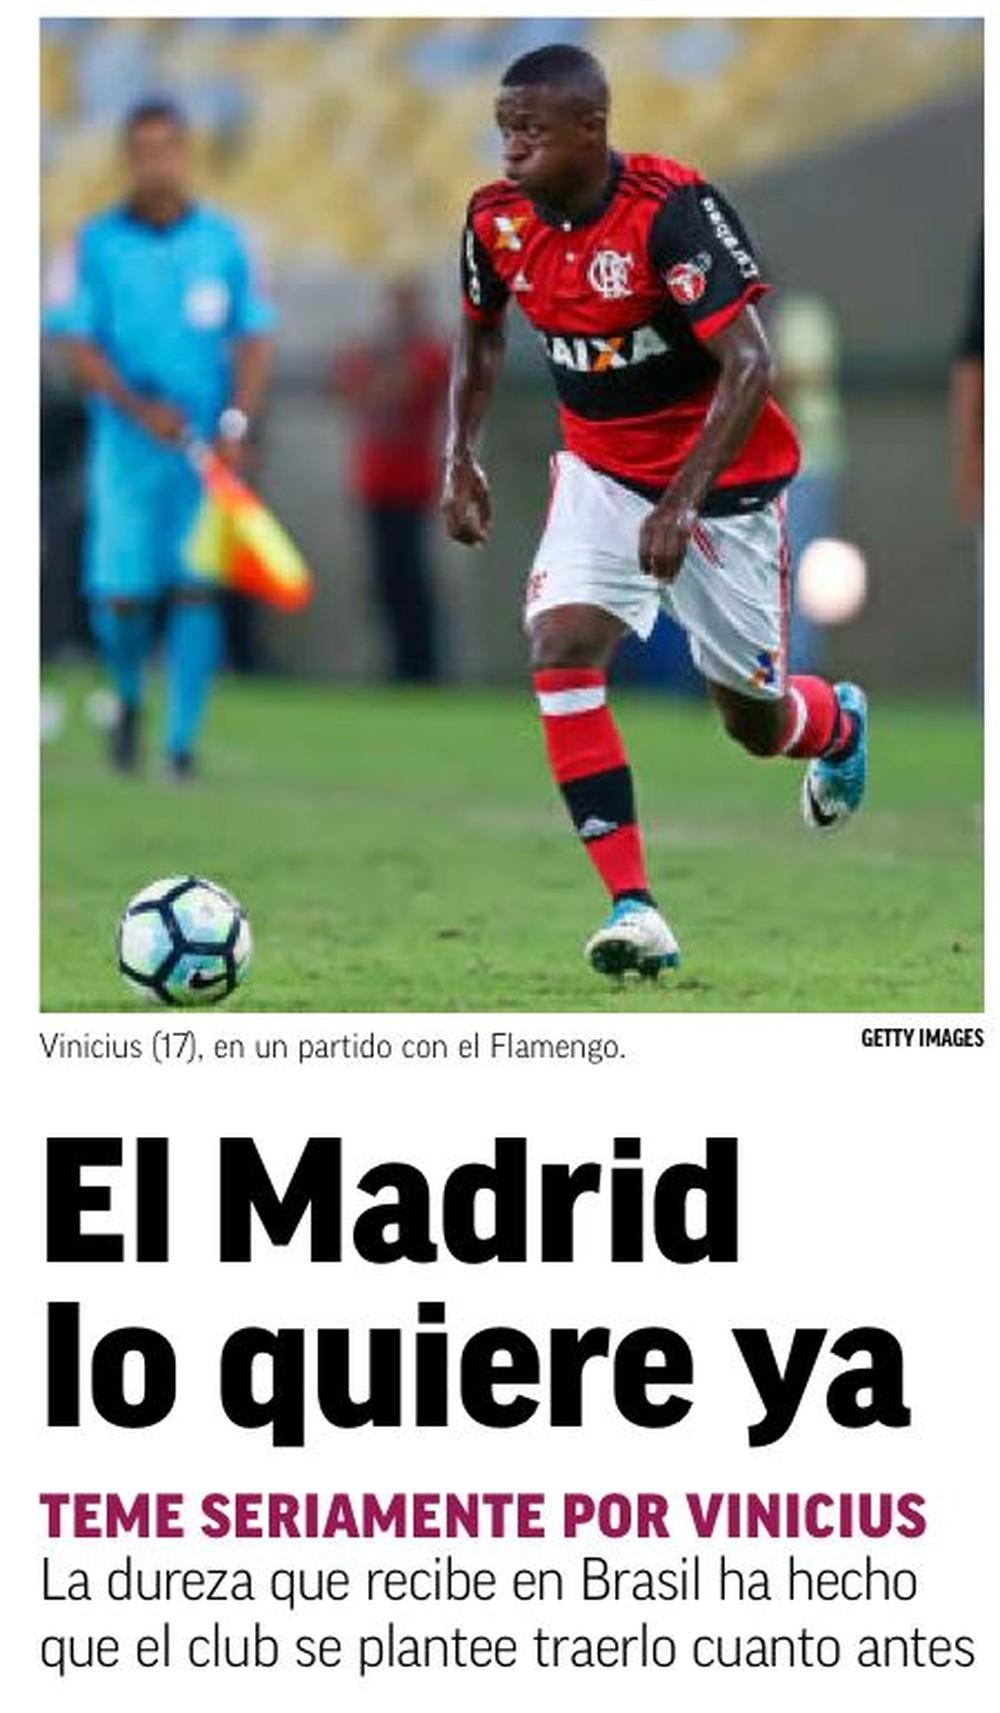 Real teme seriamente por Vinicius e quer jogador em julho na Espanha